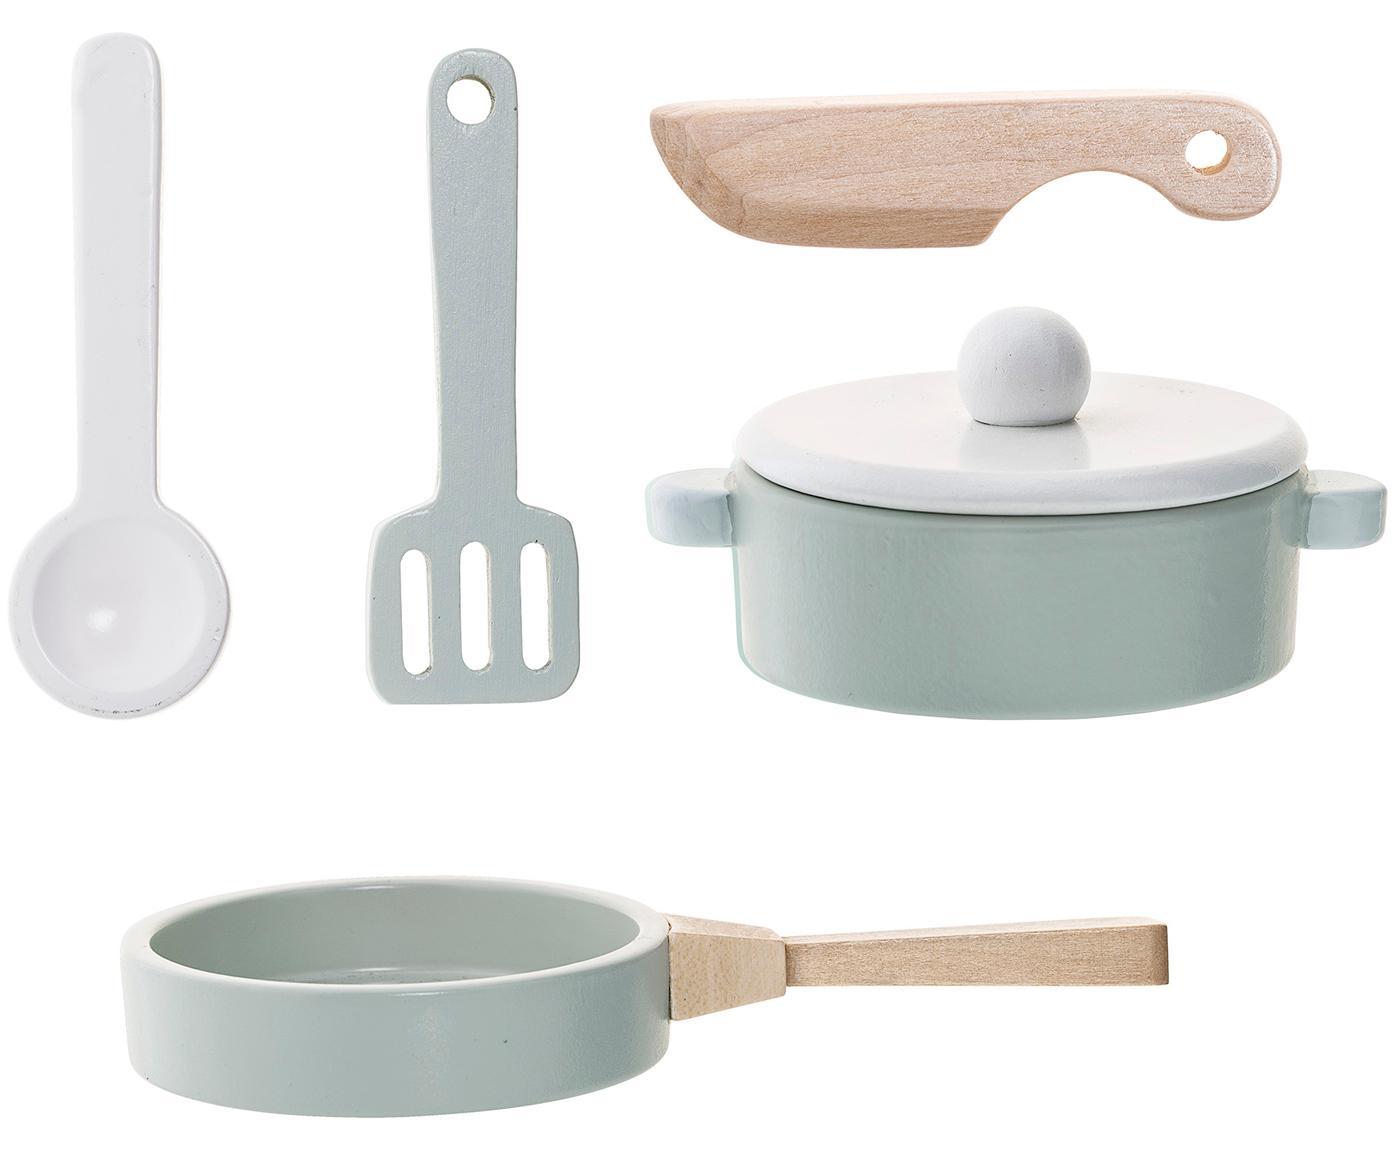 Komplet zabawek Cooking, 5 elem., Płyta pilśniowa średniej gęstości, drewno schima, Niebieski, Różne rozmiary